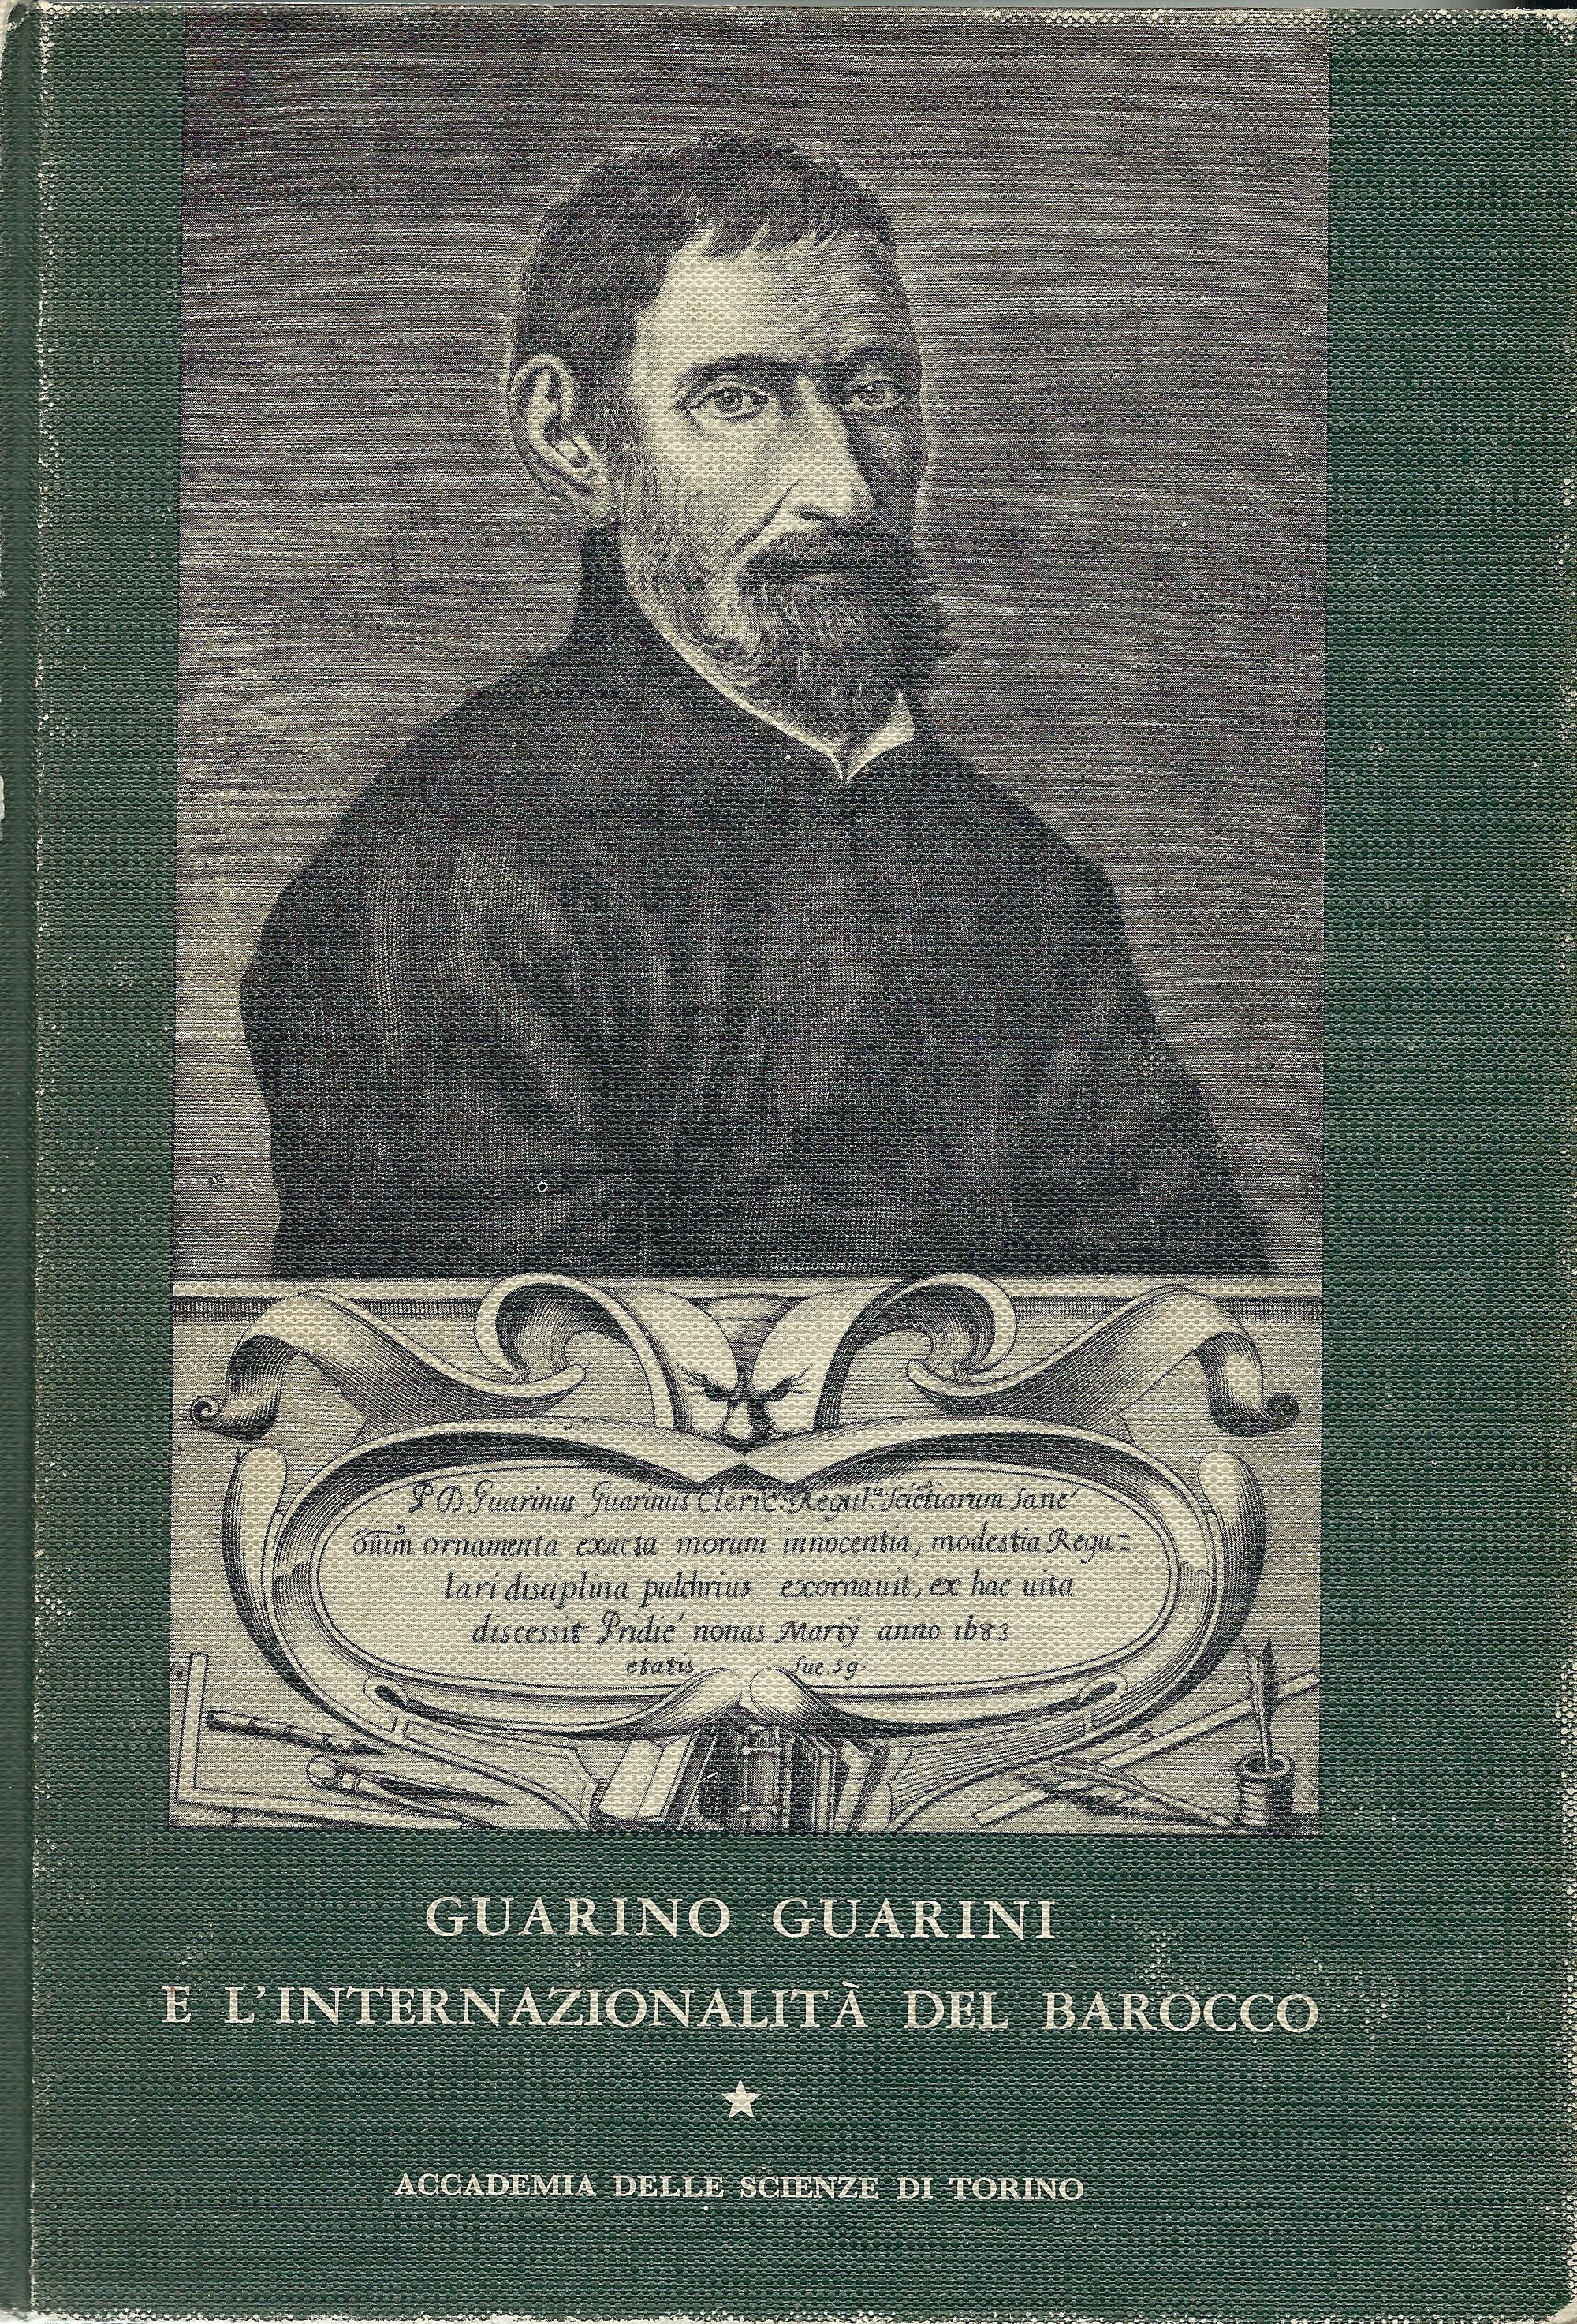 guarino guarini e l u2019internazionalit u00e0 del barocco  volume i